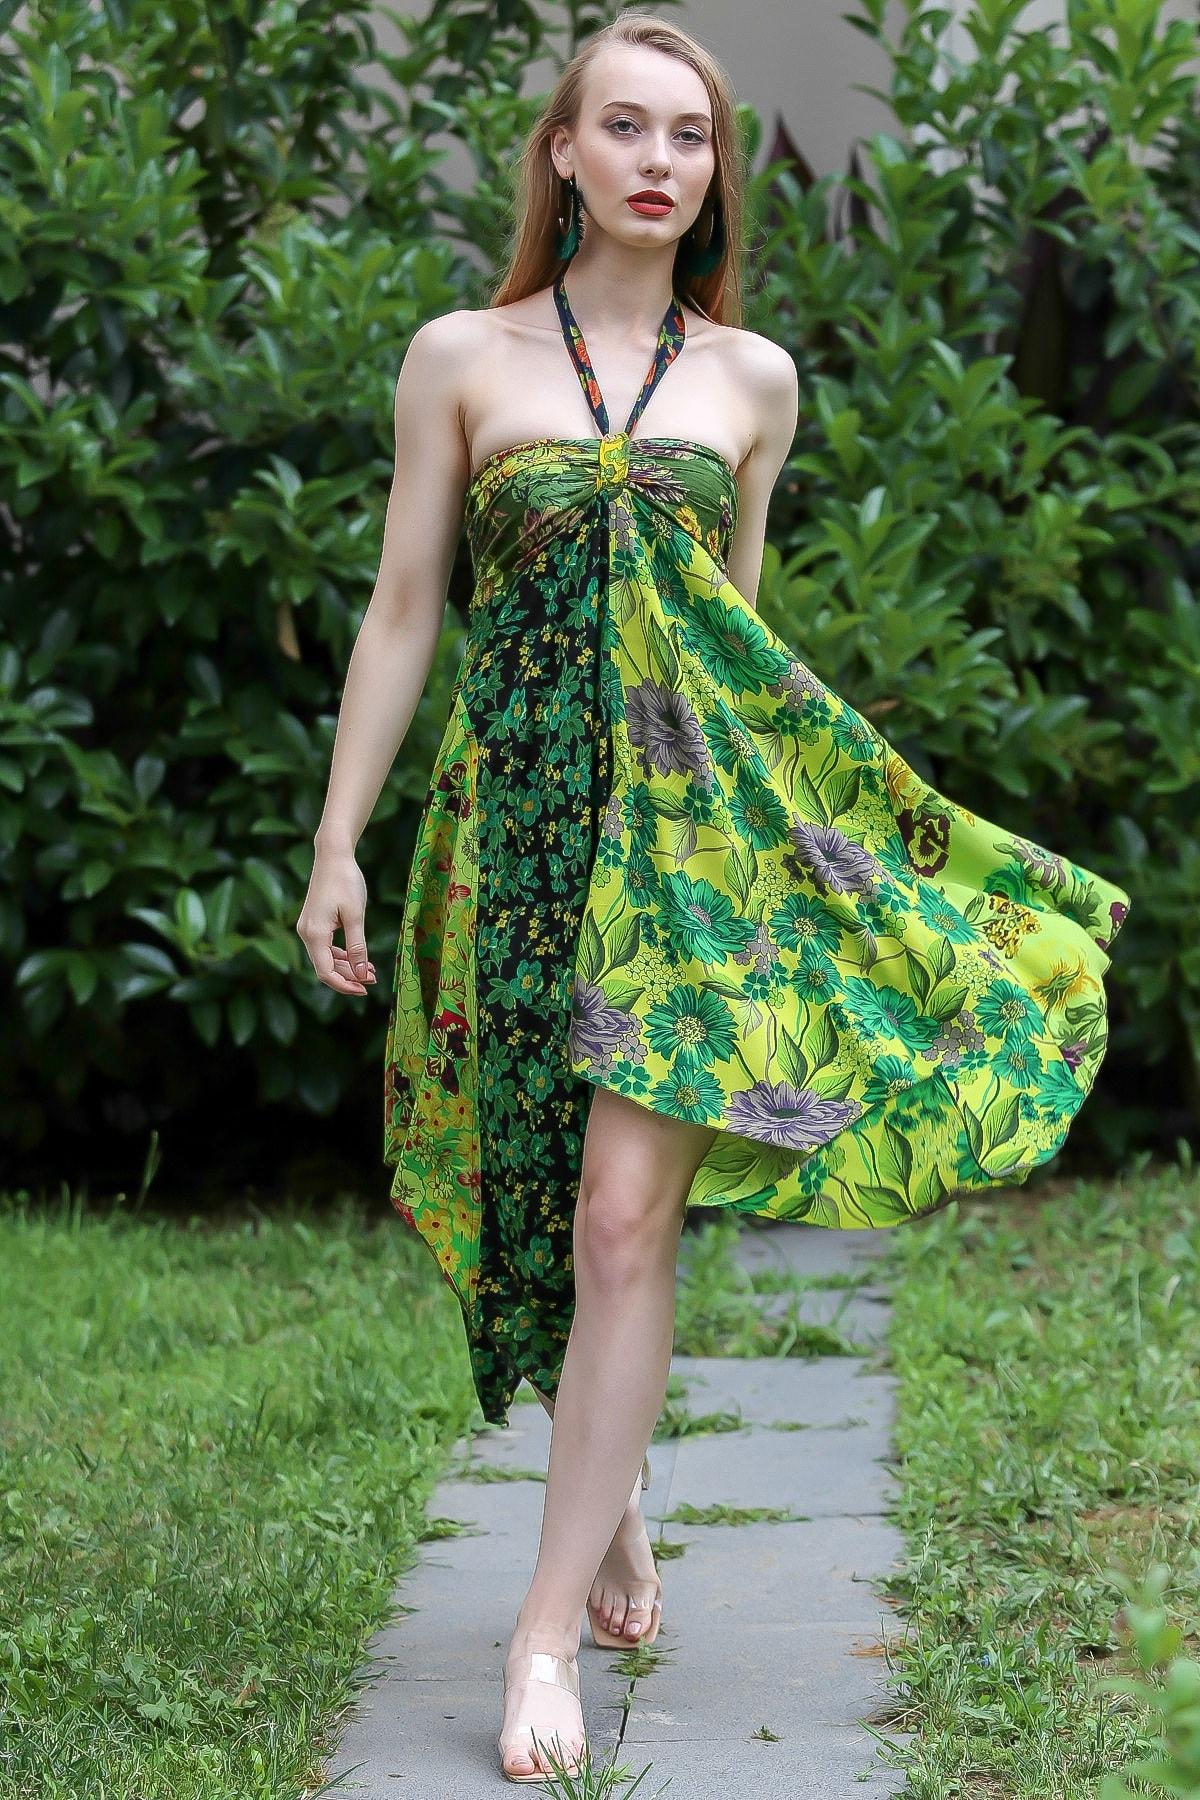 Chiccy Kadın Yeşil Bohem Straplez Boyundan Bağlamalı Patch Work Çiçekli Asimetrik Elbise M10160000EL96642 2